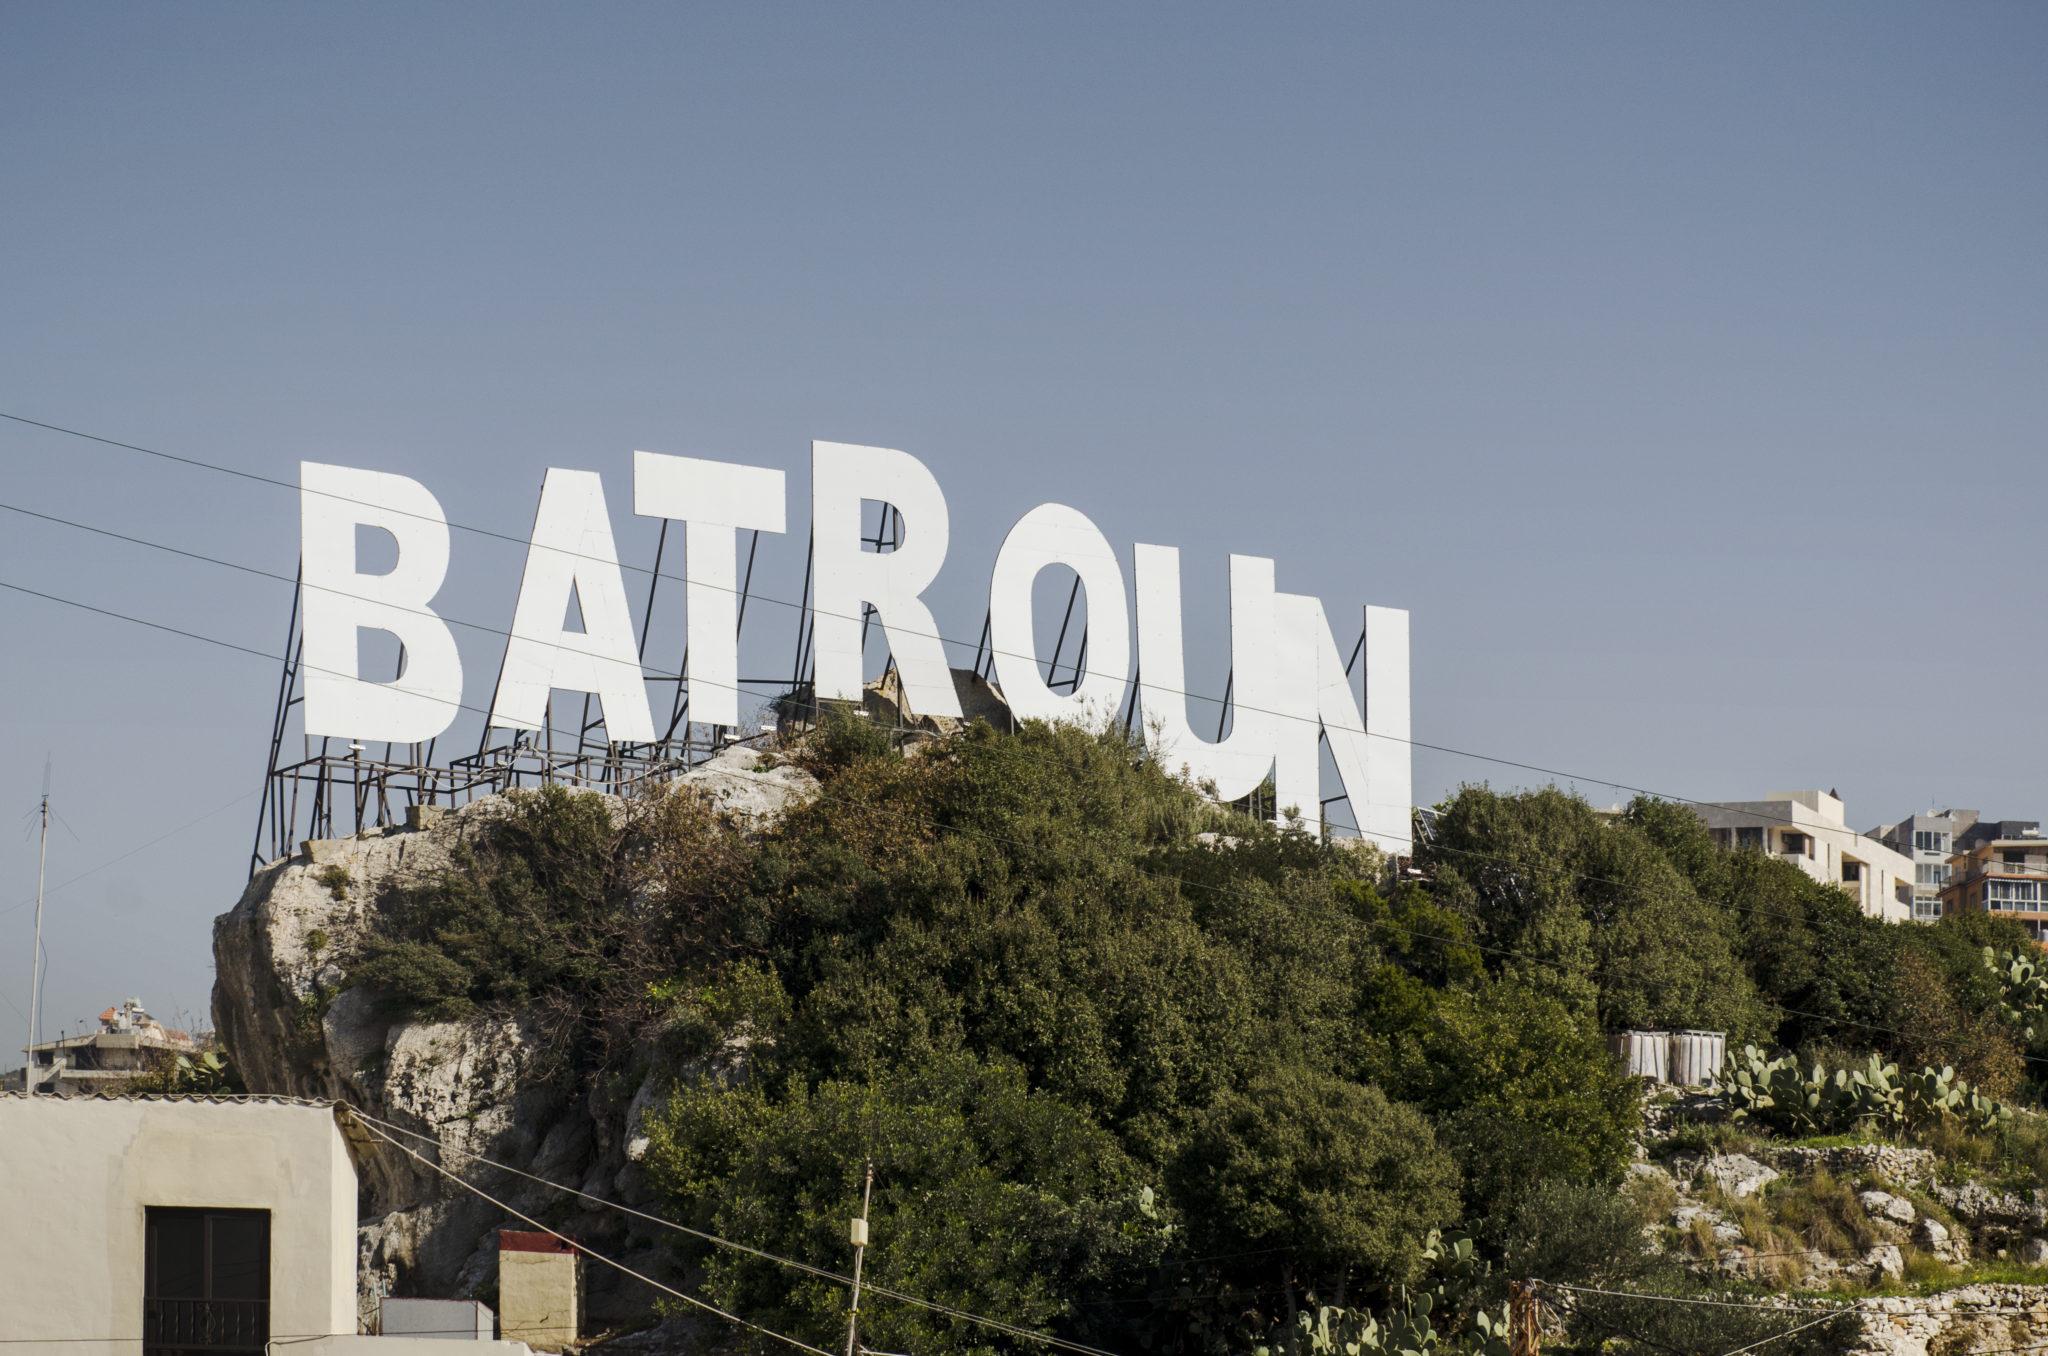 Batroun darf auf Libanon Reisen nicht fehlen